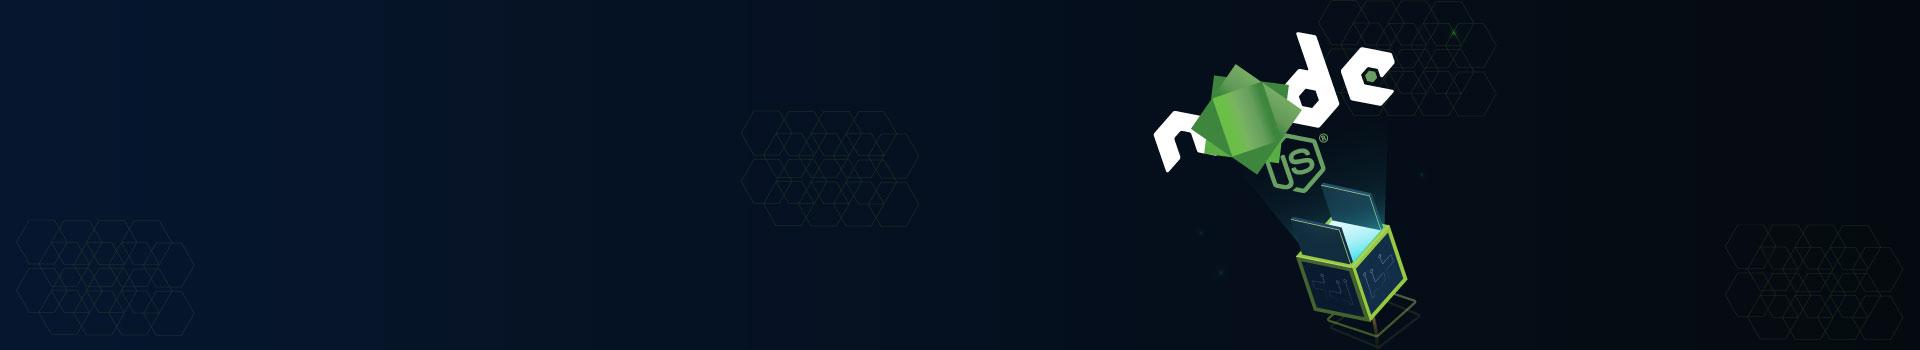 nodeJs-banner